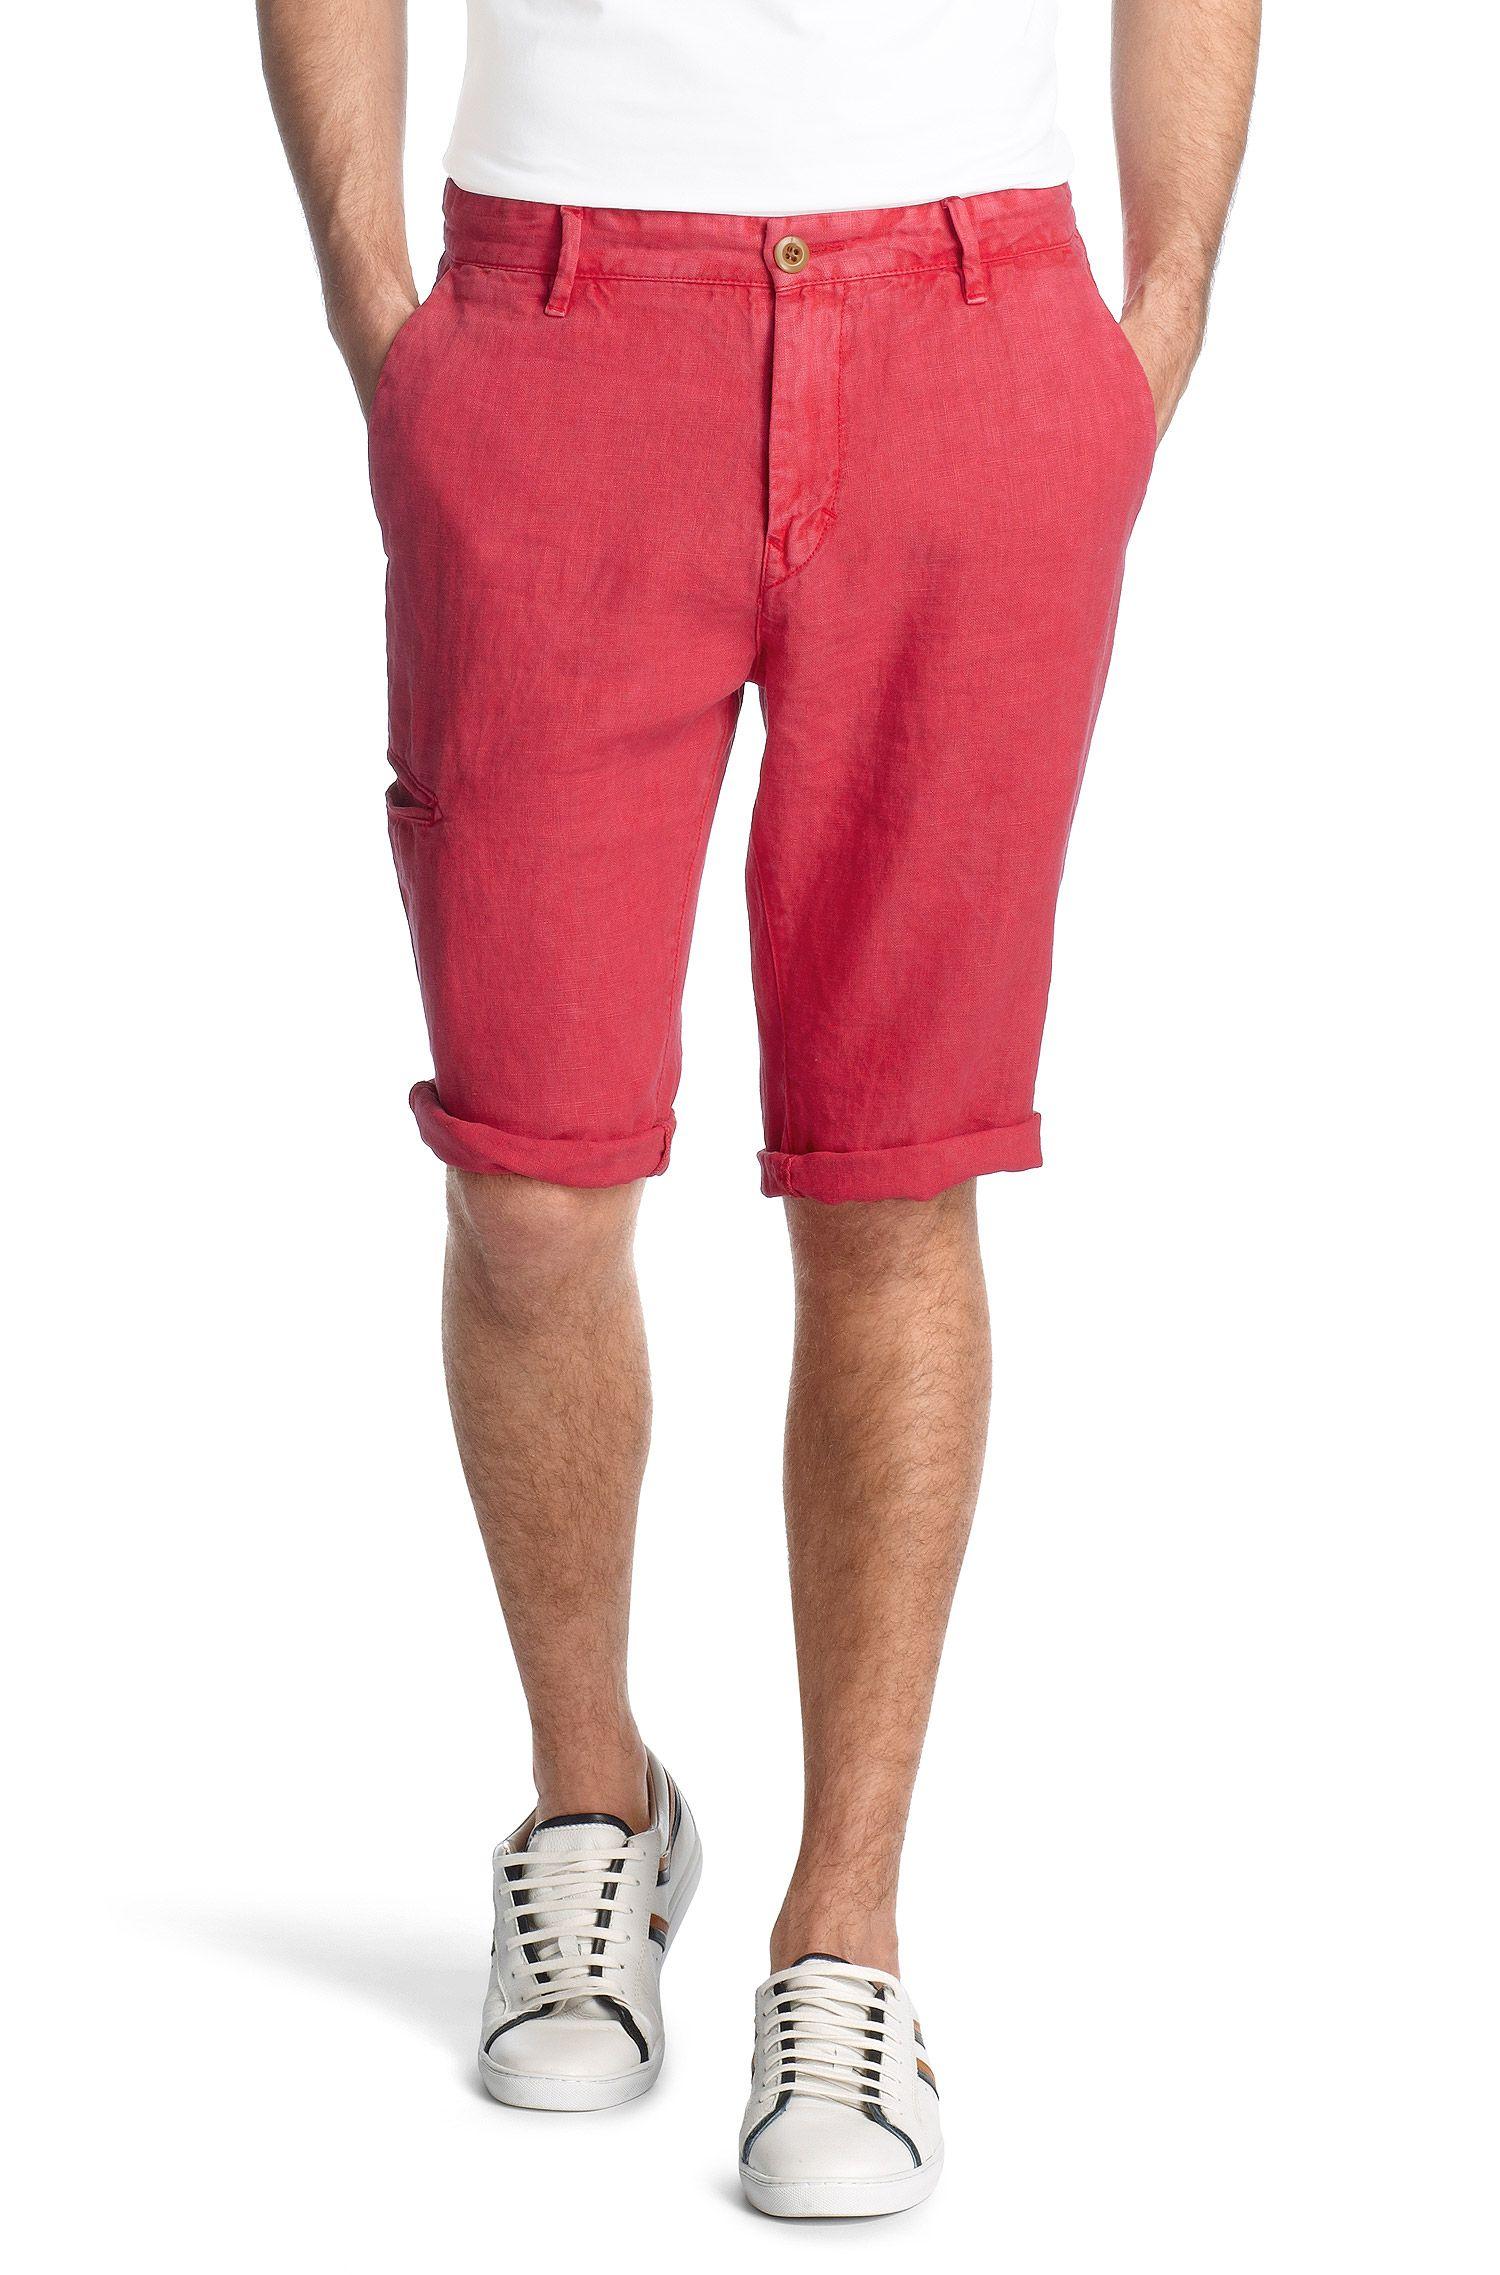 Bermuda ´Stimo-Shorts-D` aus reinem Leinen